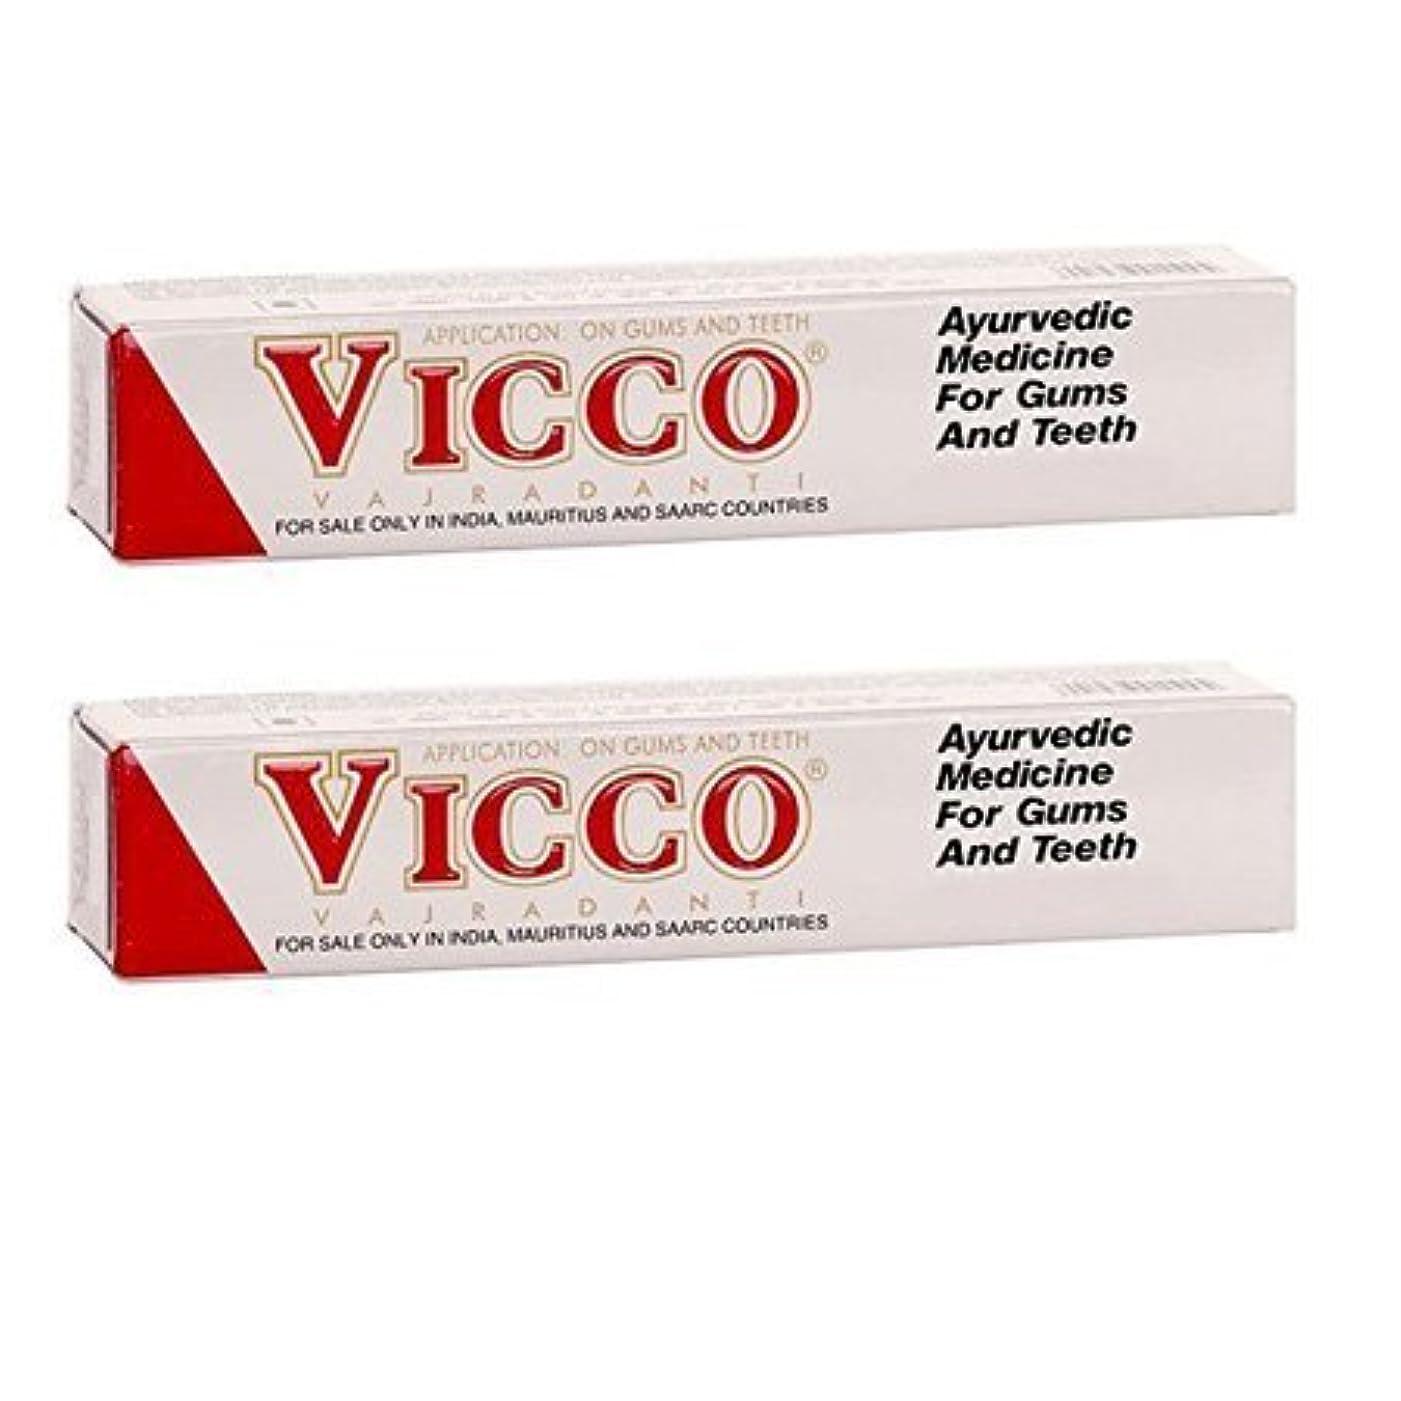 頬骨ピボットベリーBuycrafty Ayurvedic Herbal Toothpaste 100gm (Pack of 2) Vicco vajradanti Free 2 Dental Floss Toothpicks